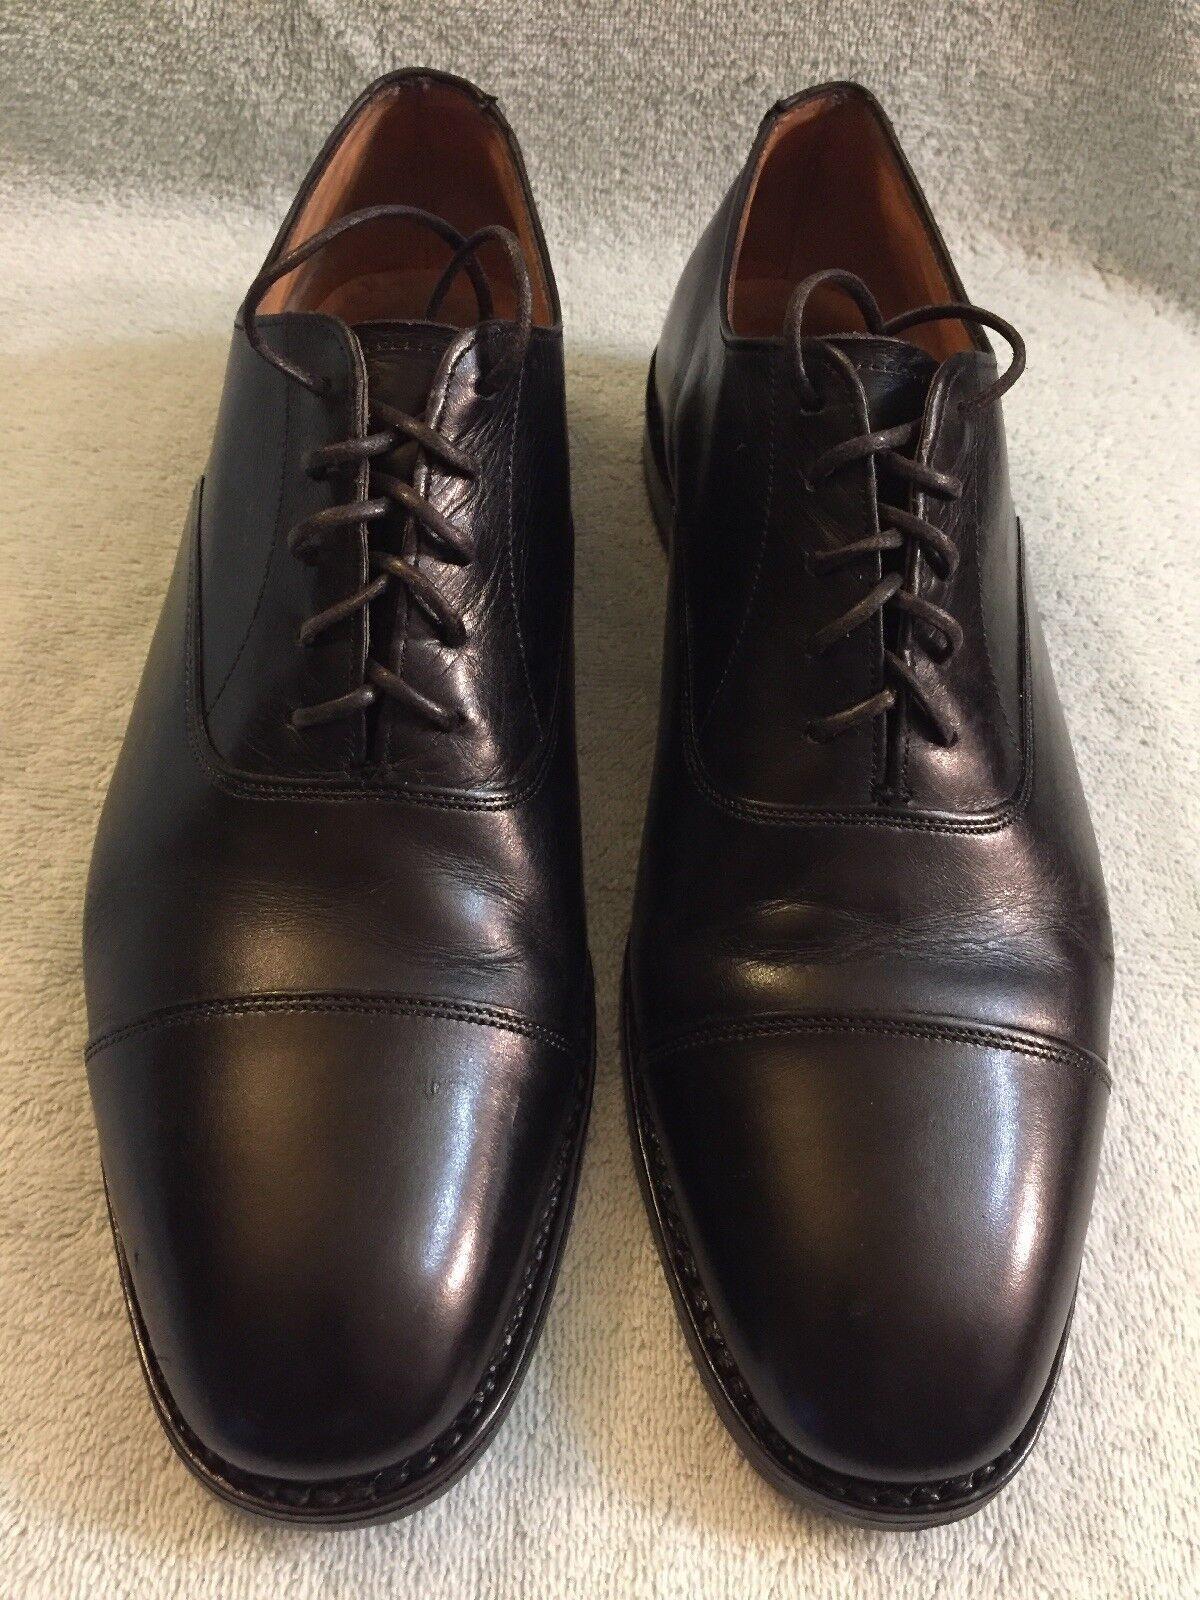 Barneys New York mano hecha hecha hecha a mano Inglaterra D 9.5 Negro para Hombre Hecho en Italia cbbd4c